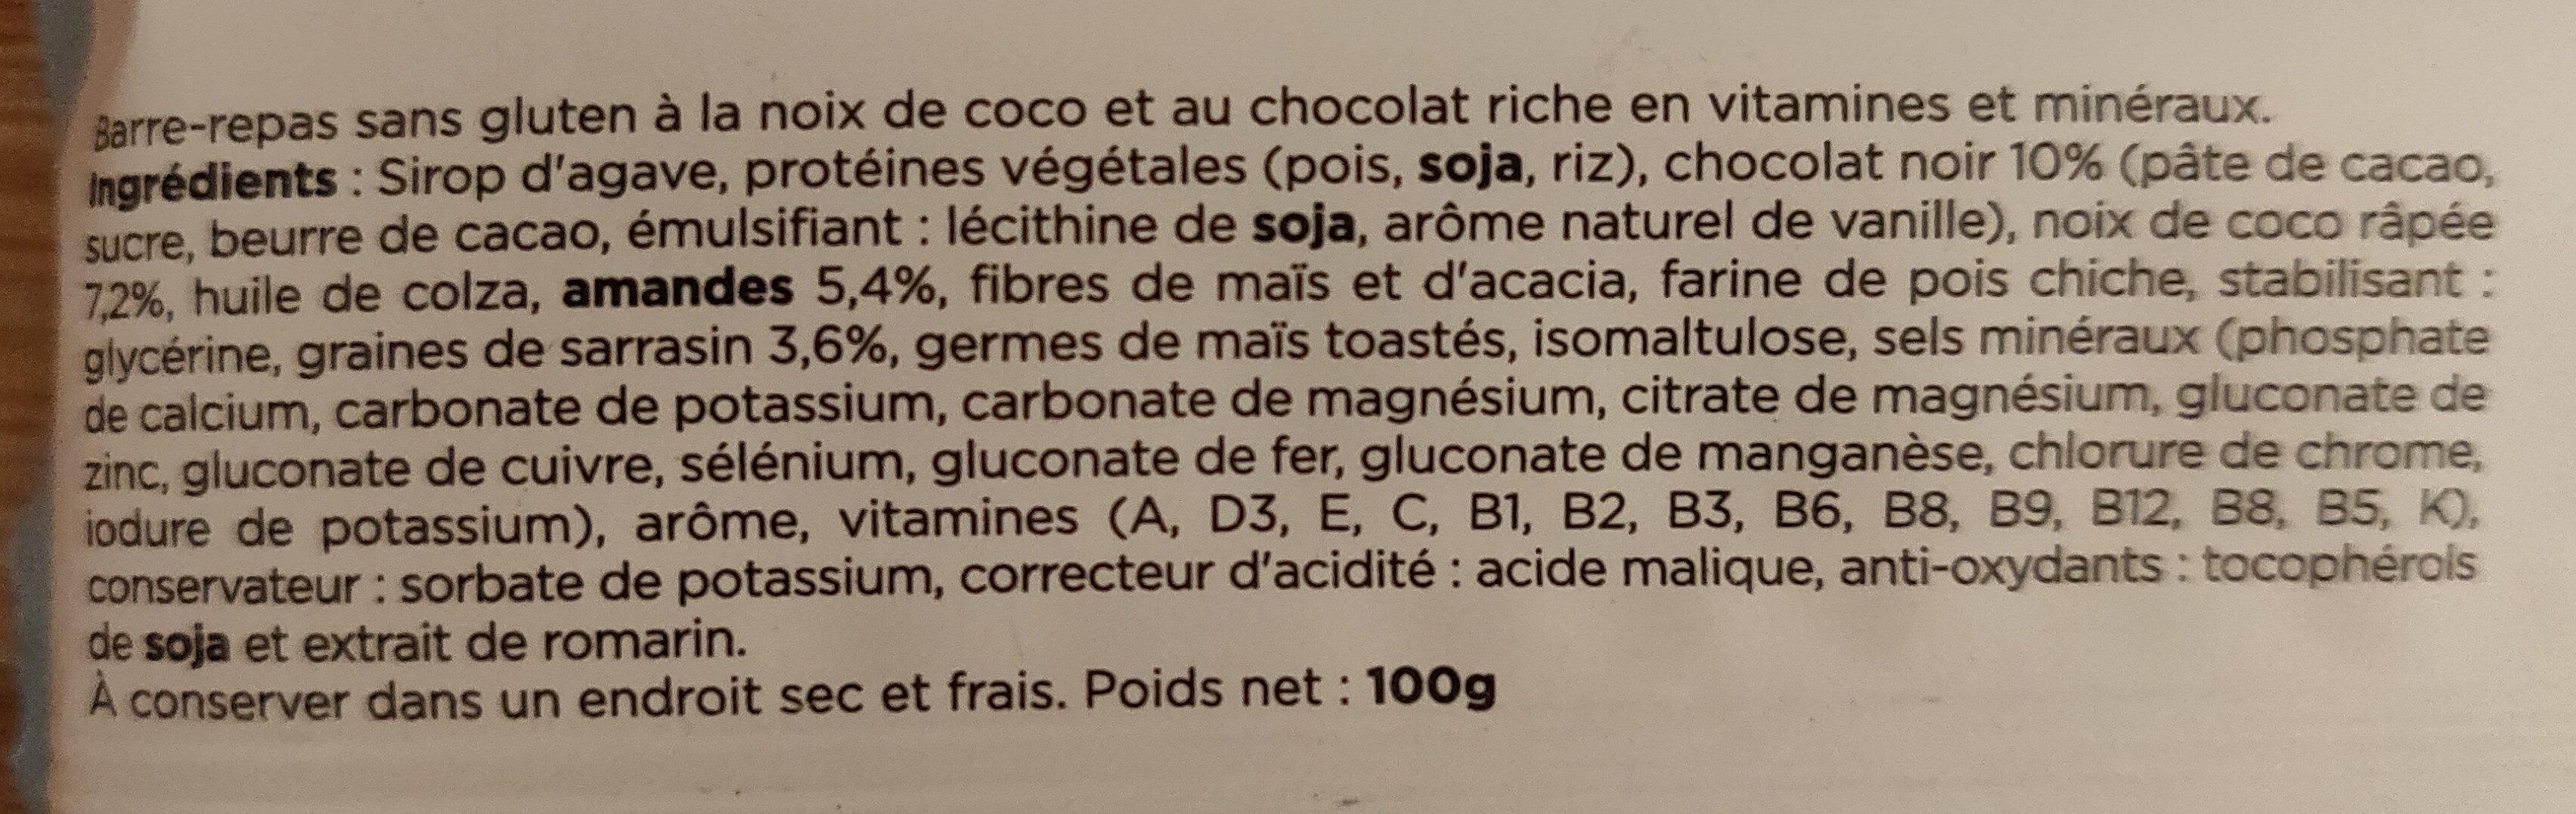 Barre Original Chocolat Noix de Coco - Ingrédients - fr